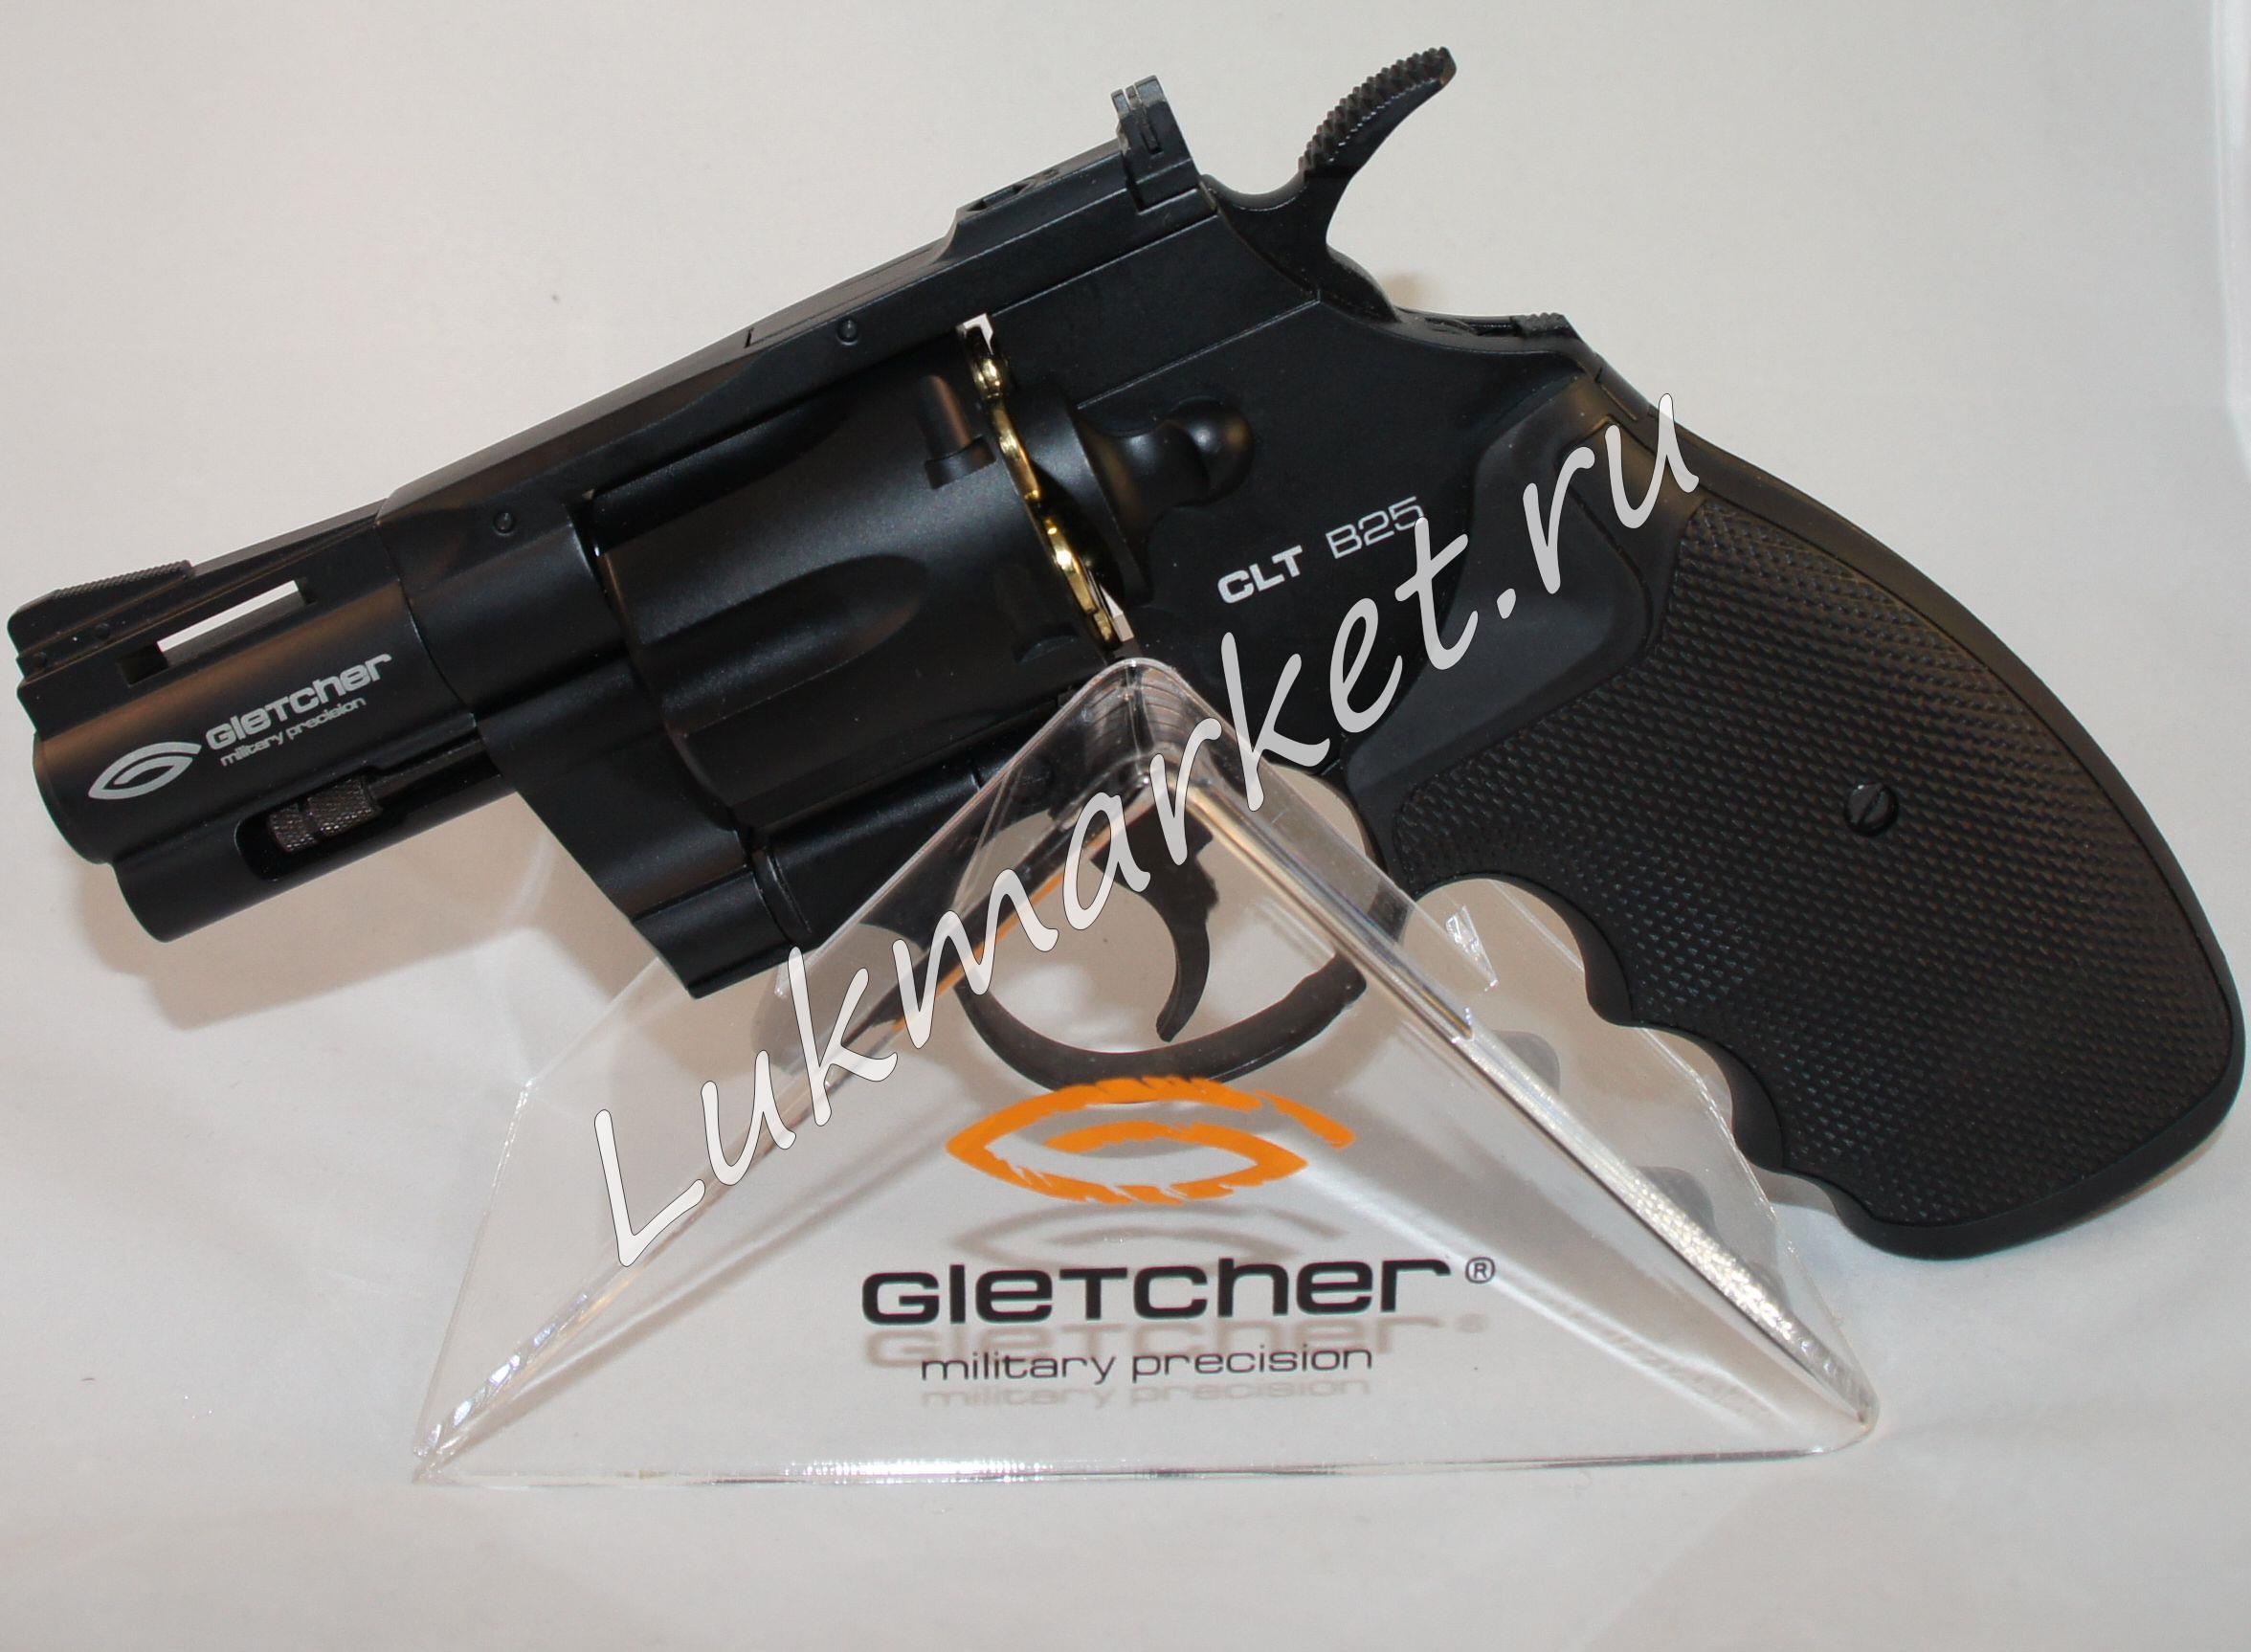 Револьвер Gletcher CLT B25